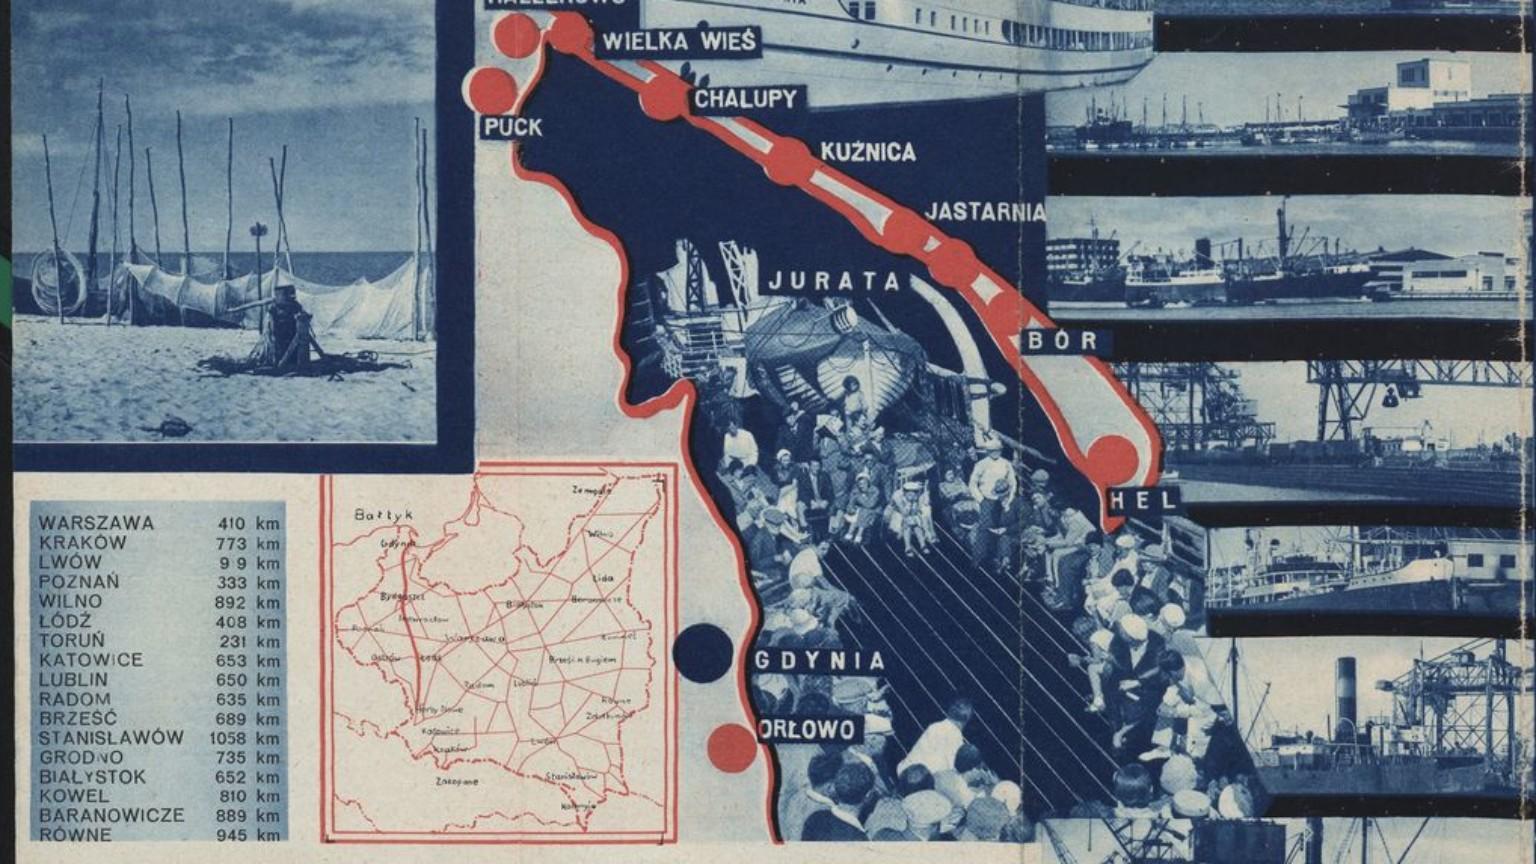 Zdjęcie dla kartki: Warszawskie biura podróży